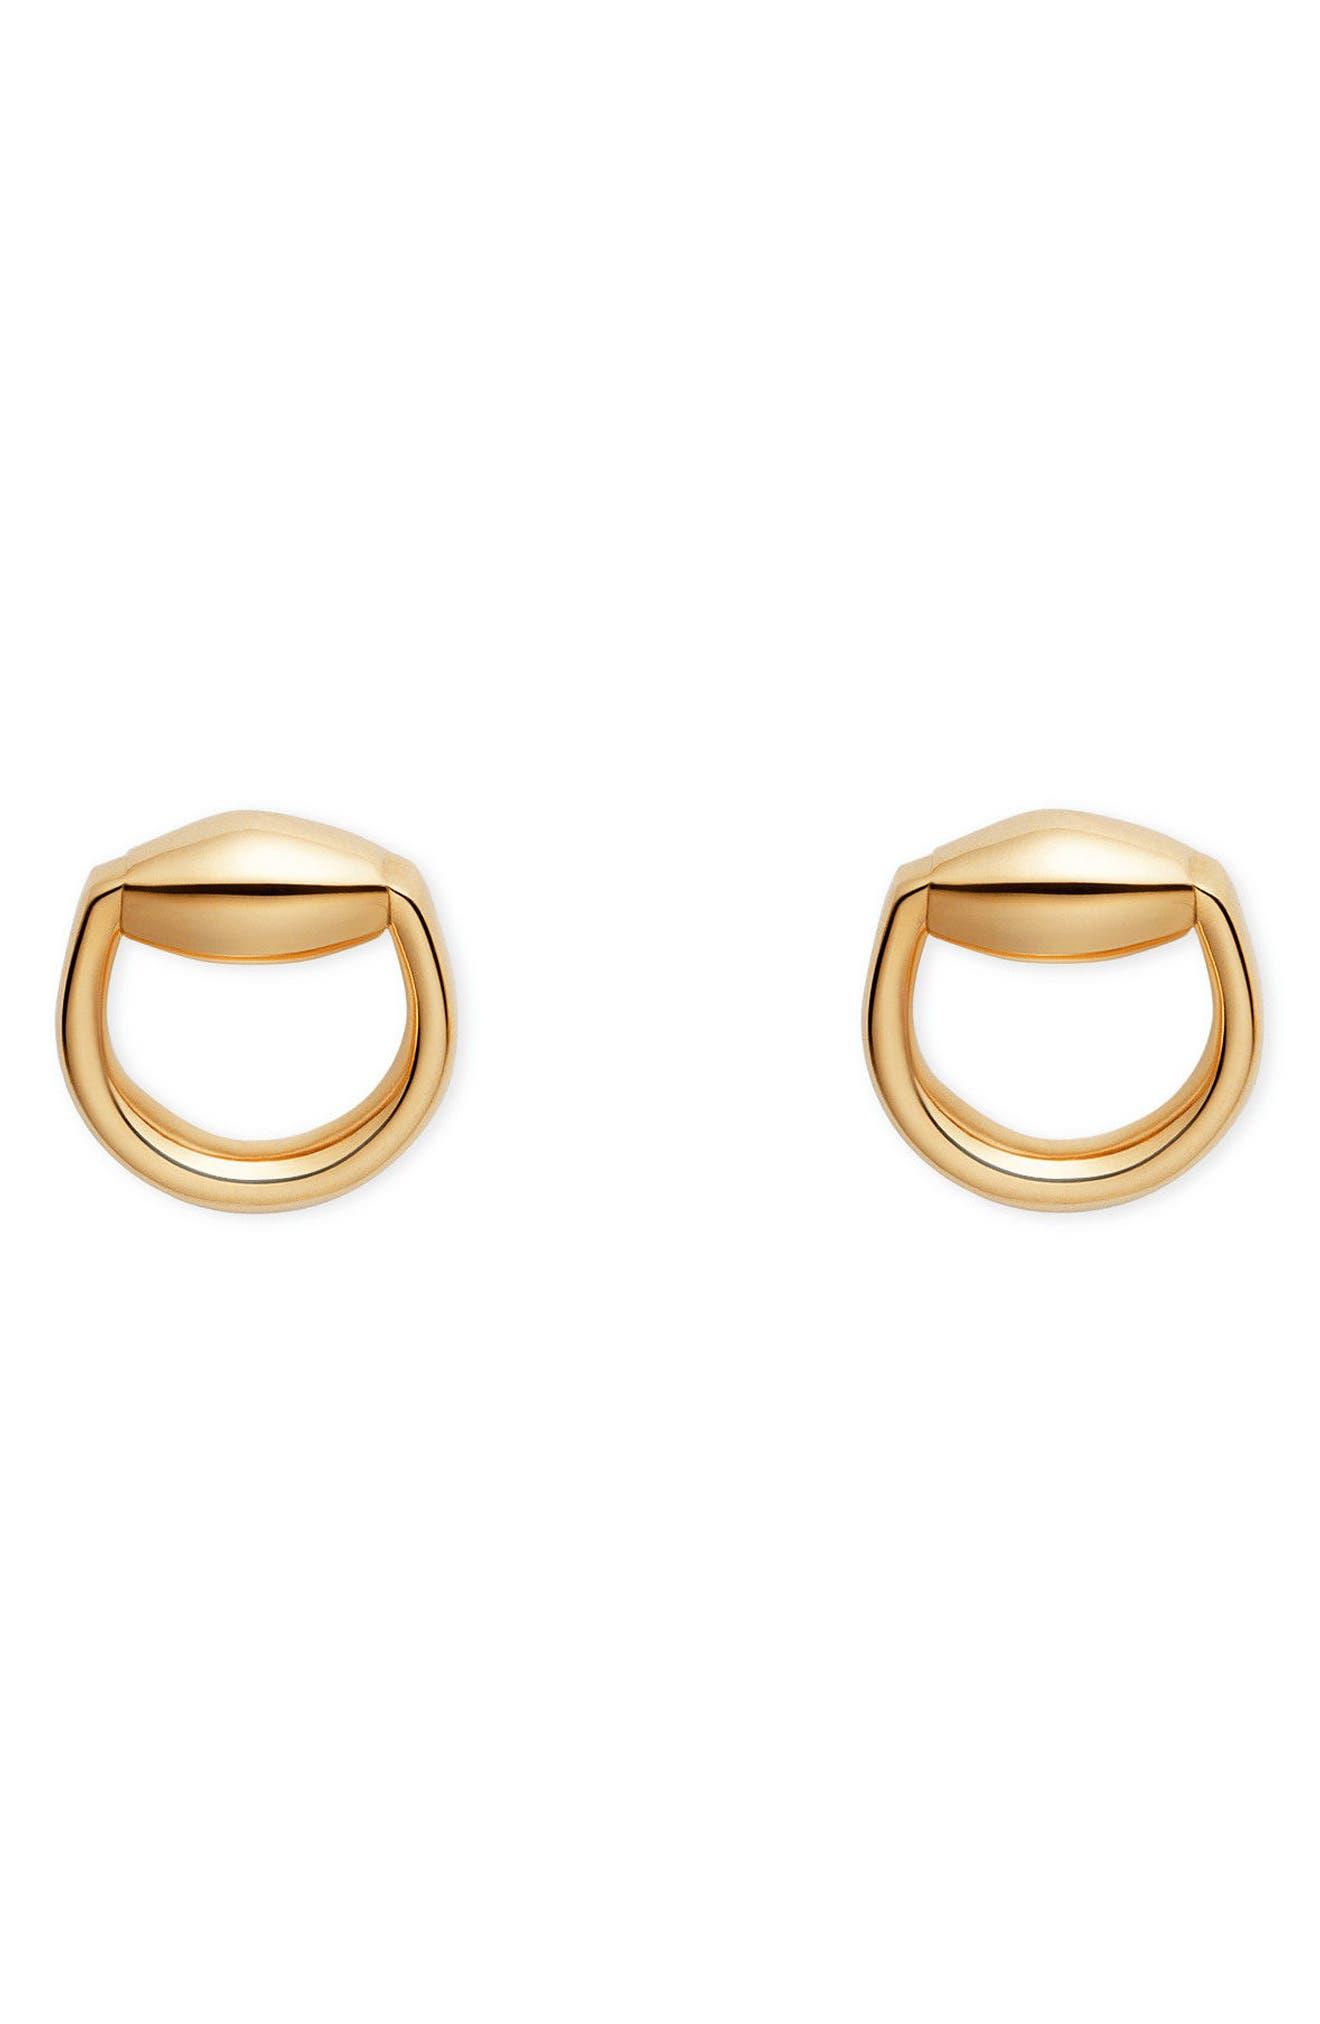 Horsebit Stud Earrings,                         Main,                         color, Yellow Gold